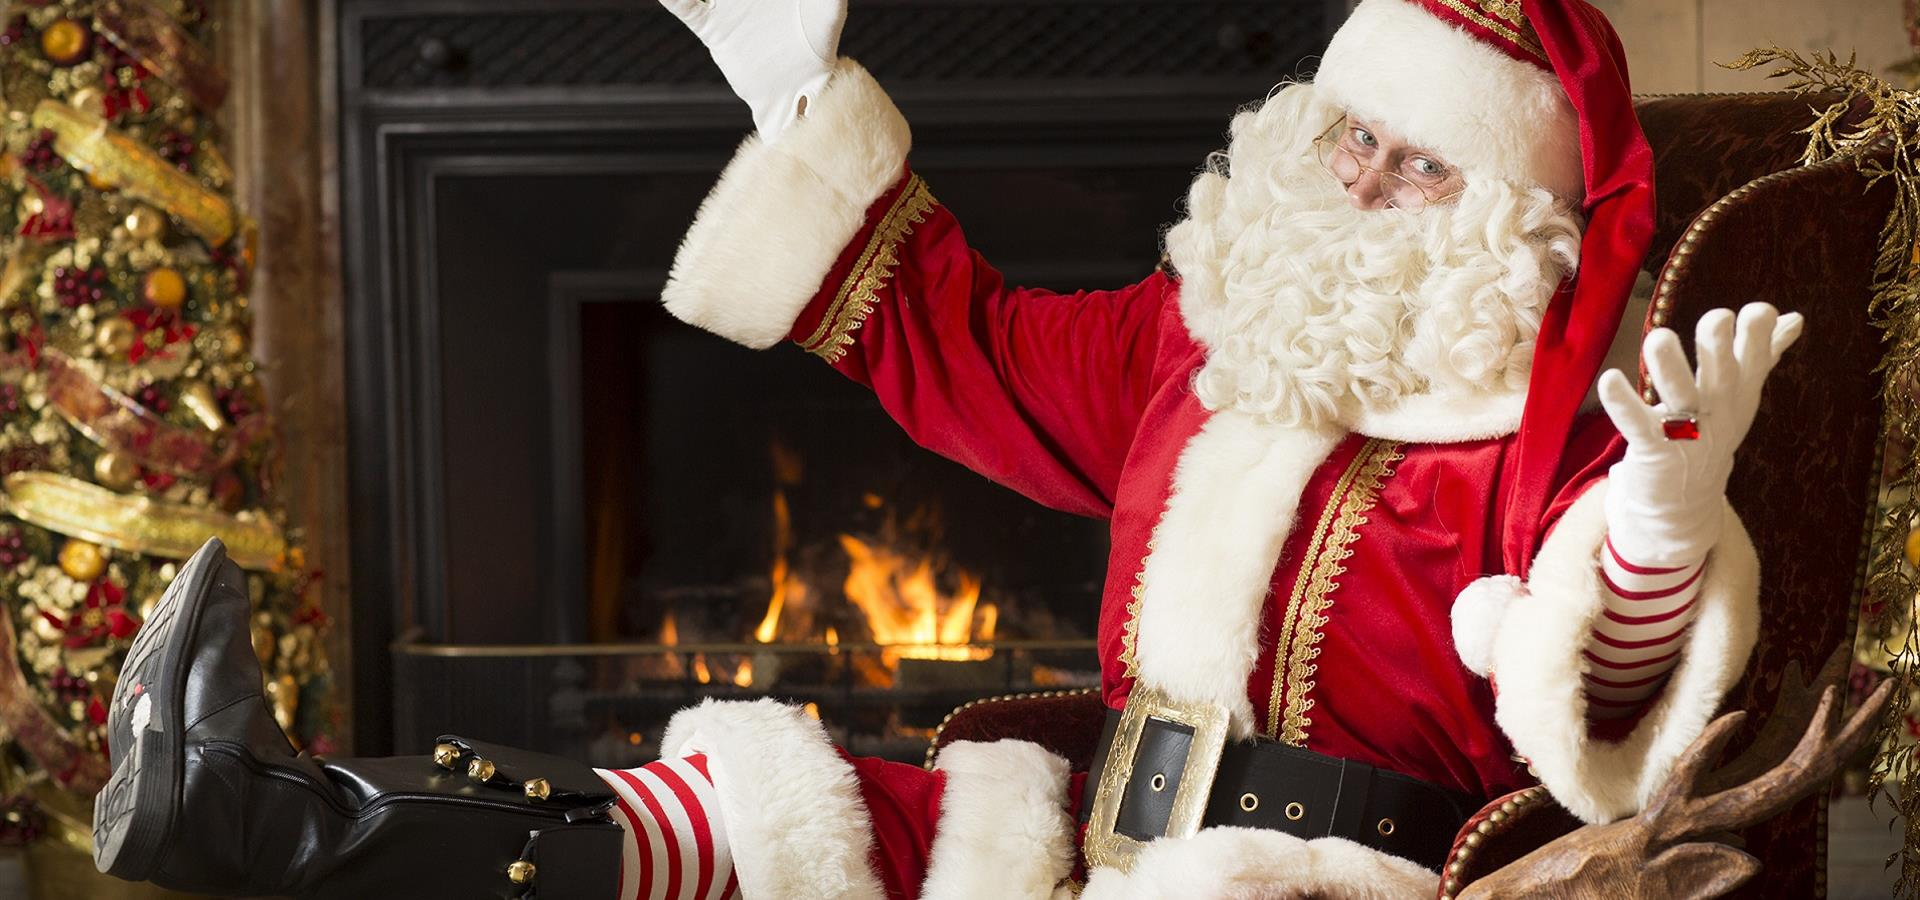 An image of Santa at Christmas by Andy Bulmer